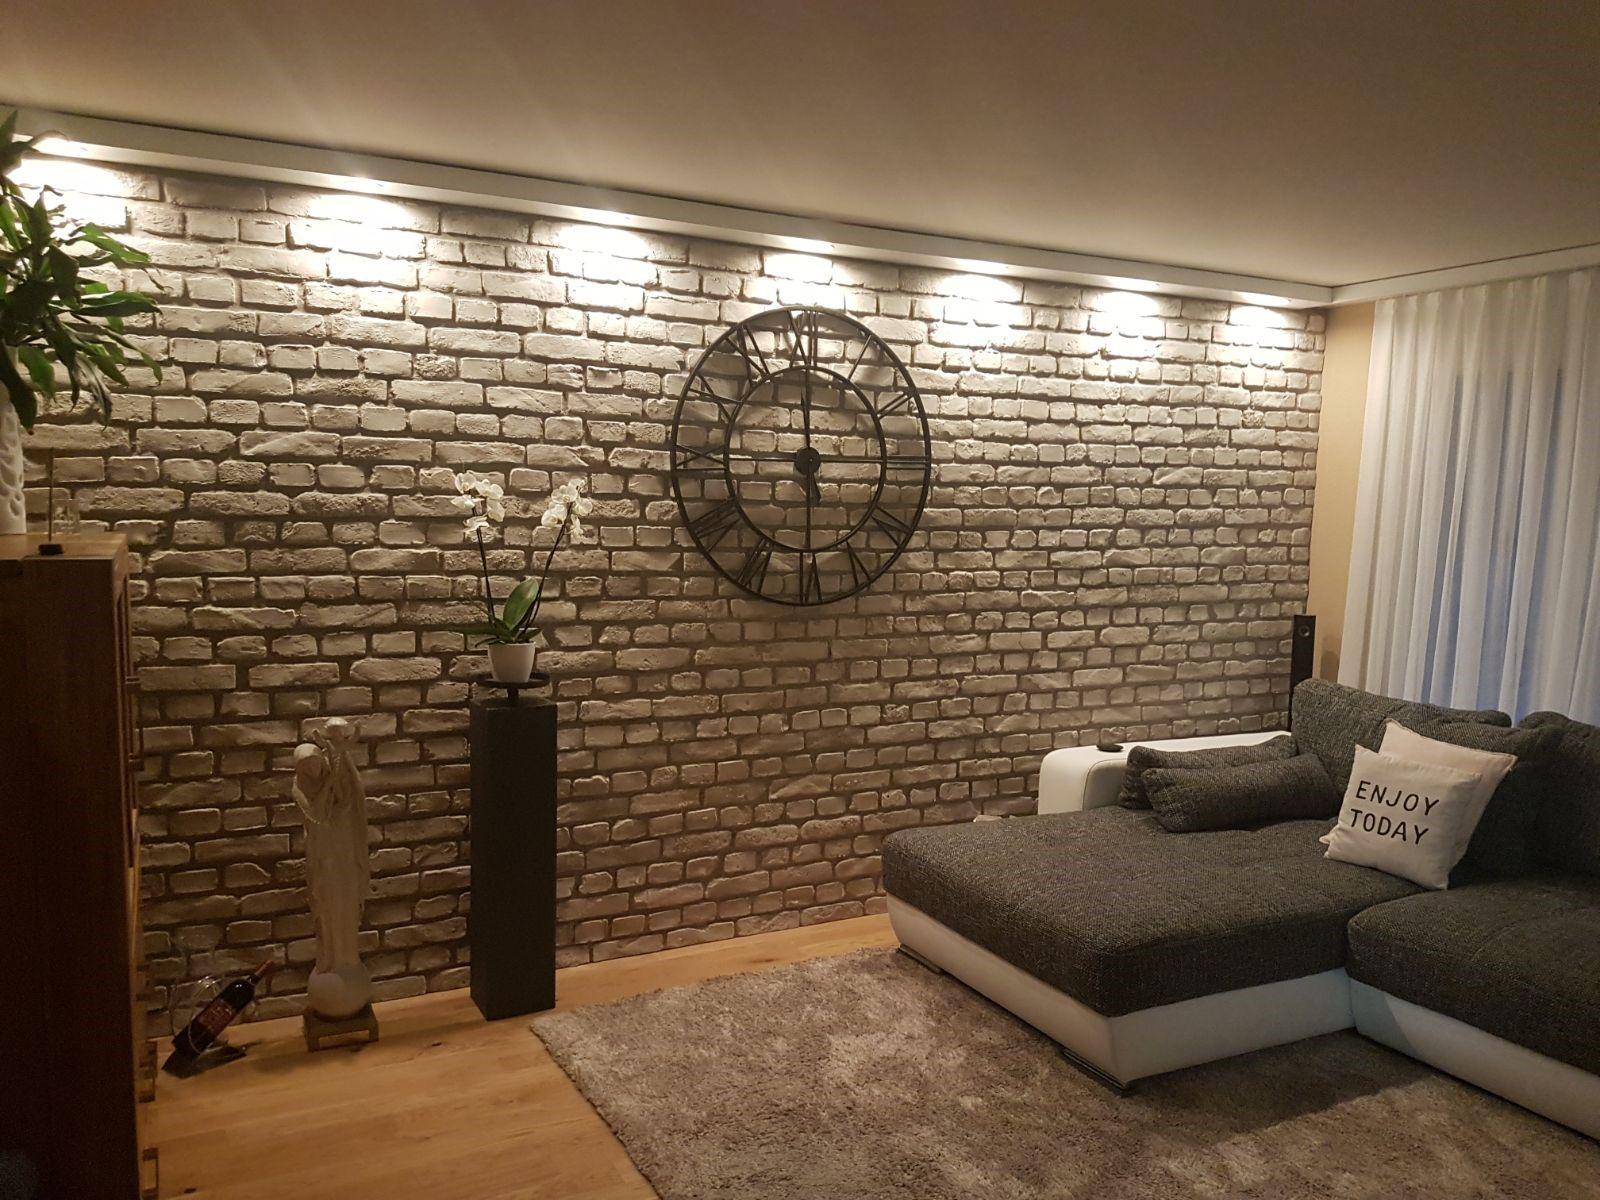 Steintapete wohnzimmer ~ Pin by hallo on wohnzimmer pinterest wand